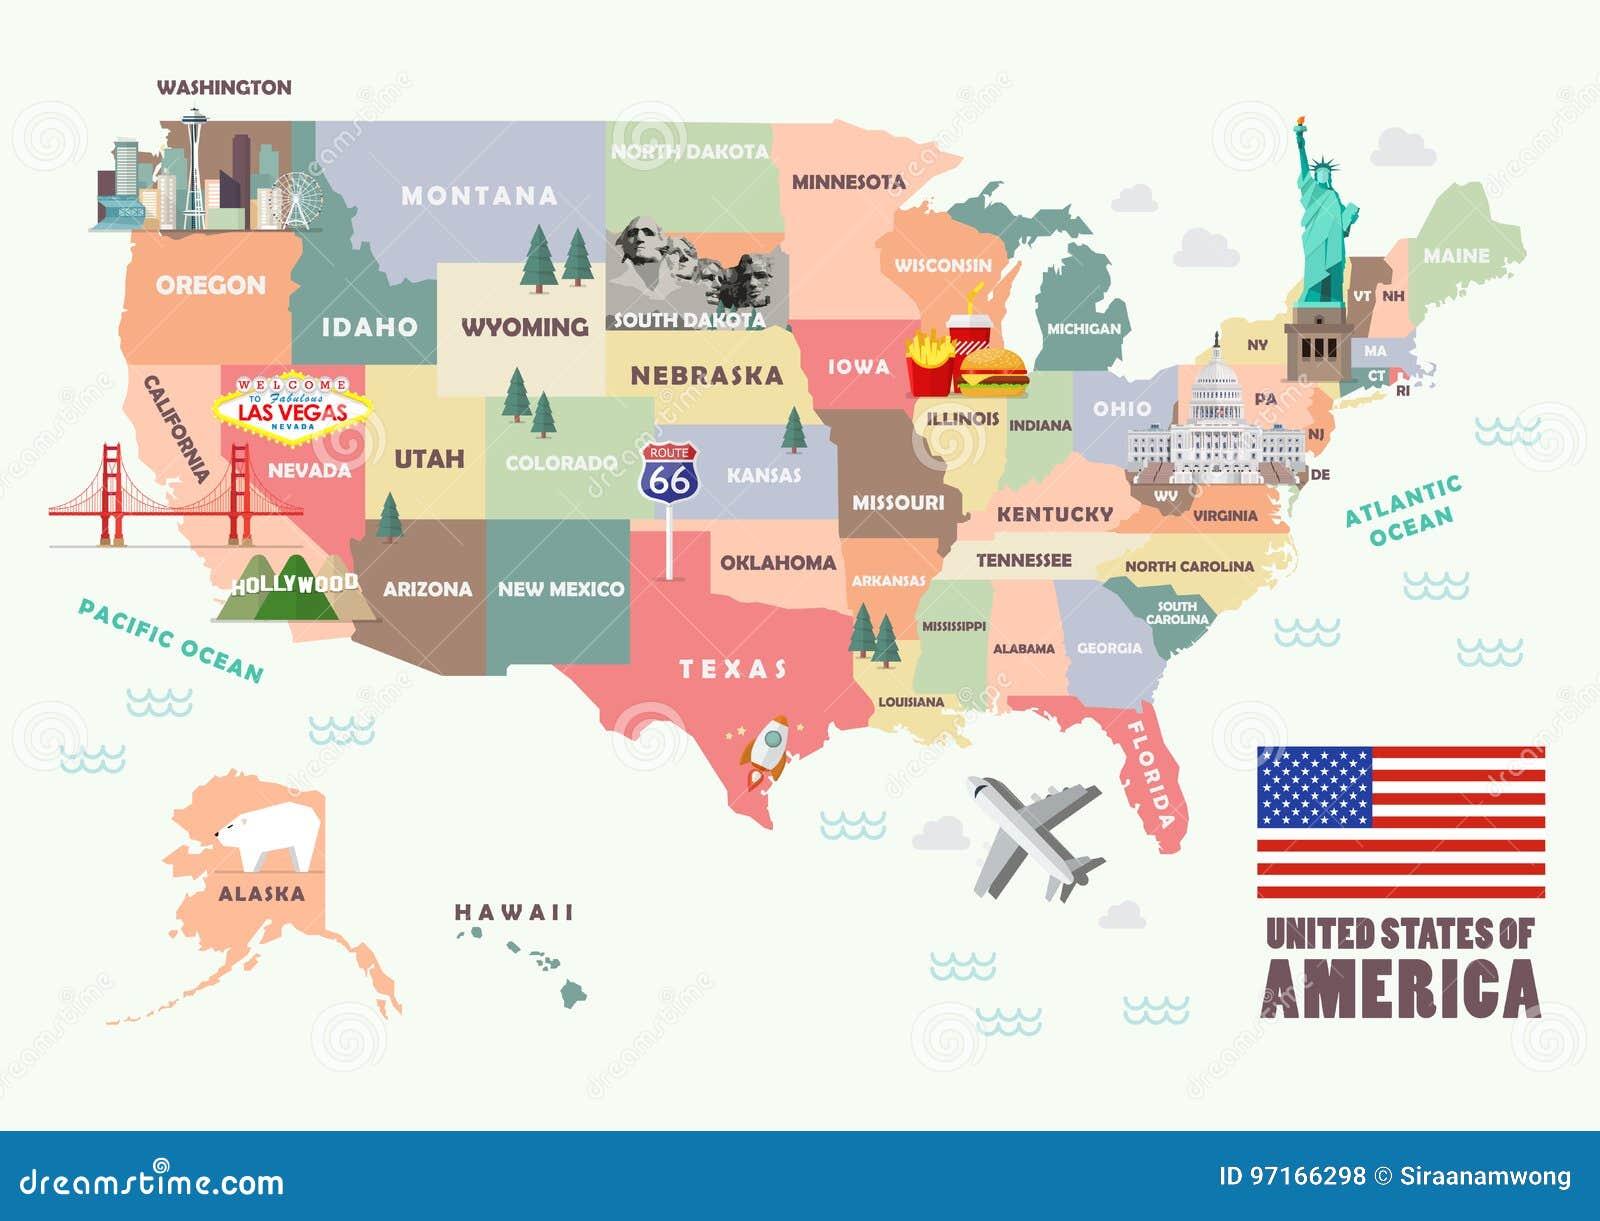 Cartina Stati Uniti D America Con Stati.Mappa Degli Stati Uniti D America Con Le Attrazioni Famose